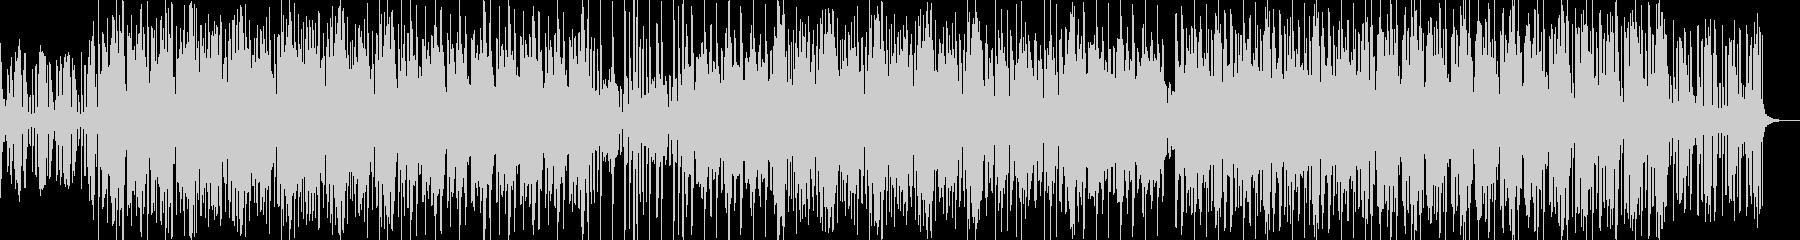 ファンク/ギター/ロック/エレクトリックの未再生の波形